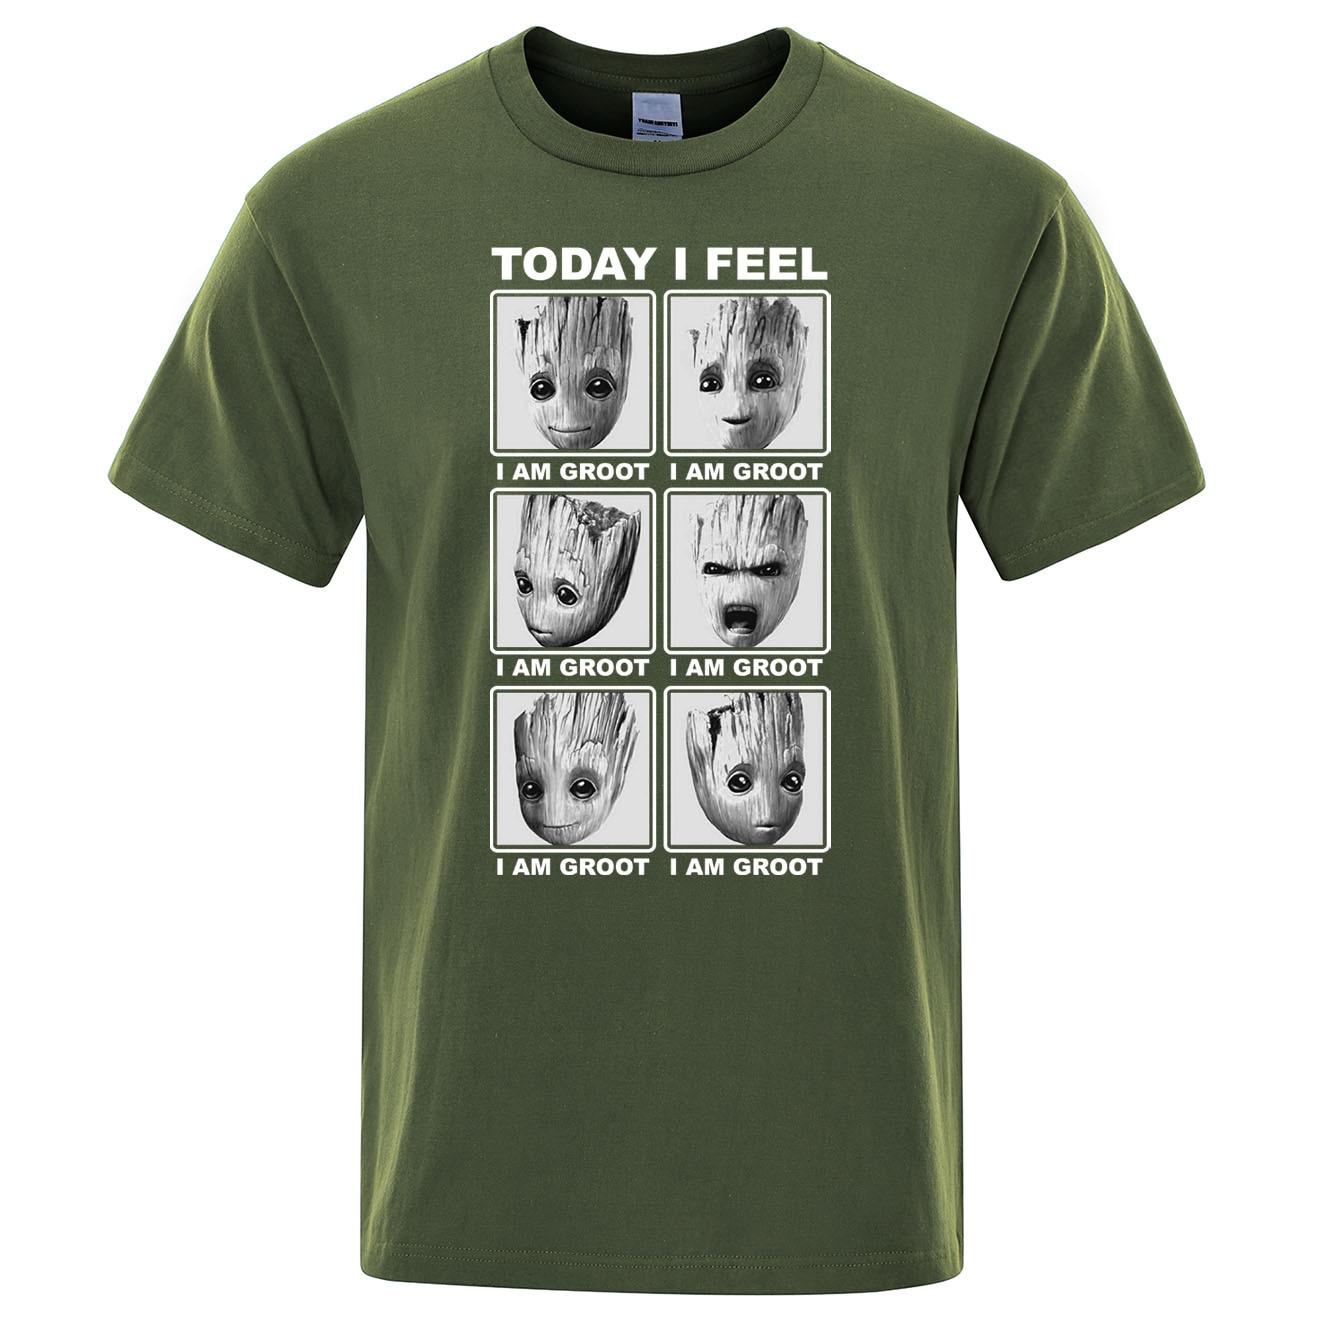 Marvel top tees hoy me siento yo soy groot t Camisa de algodón de los hombres streetwear camiseta Hip Hop camiseta de dibujos animados Harajuku nuevas camisetas para hombre